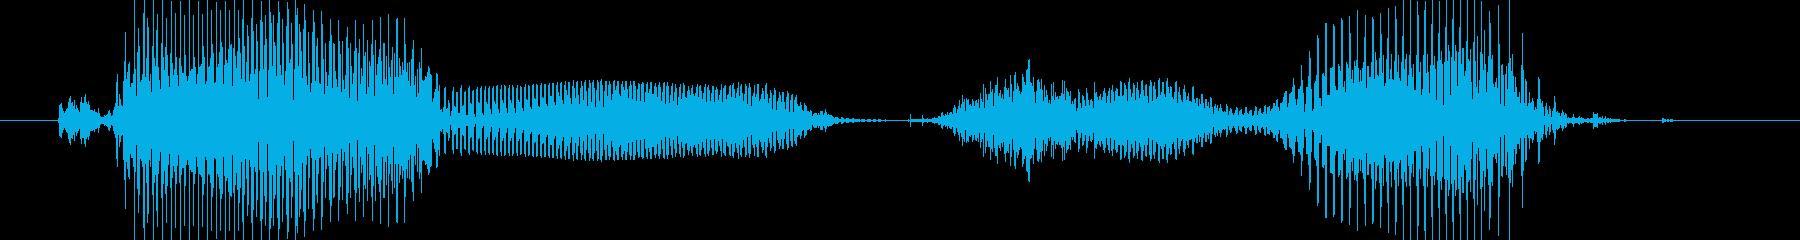 こんにちは!の再生済みの波形